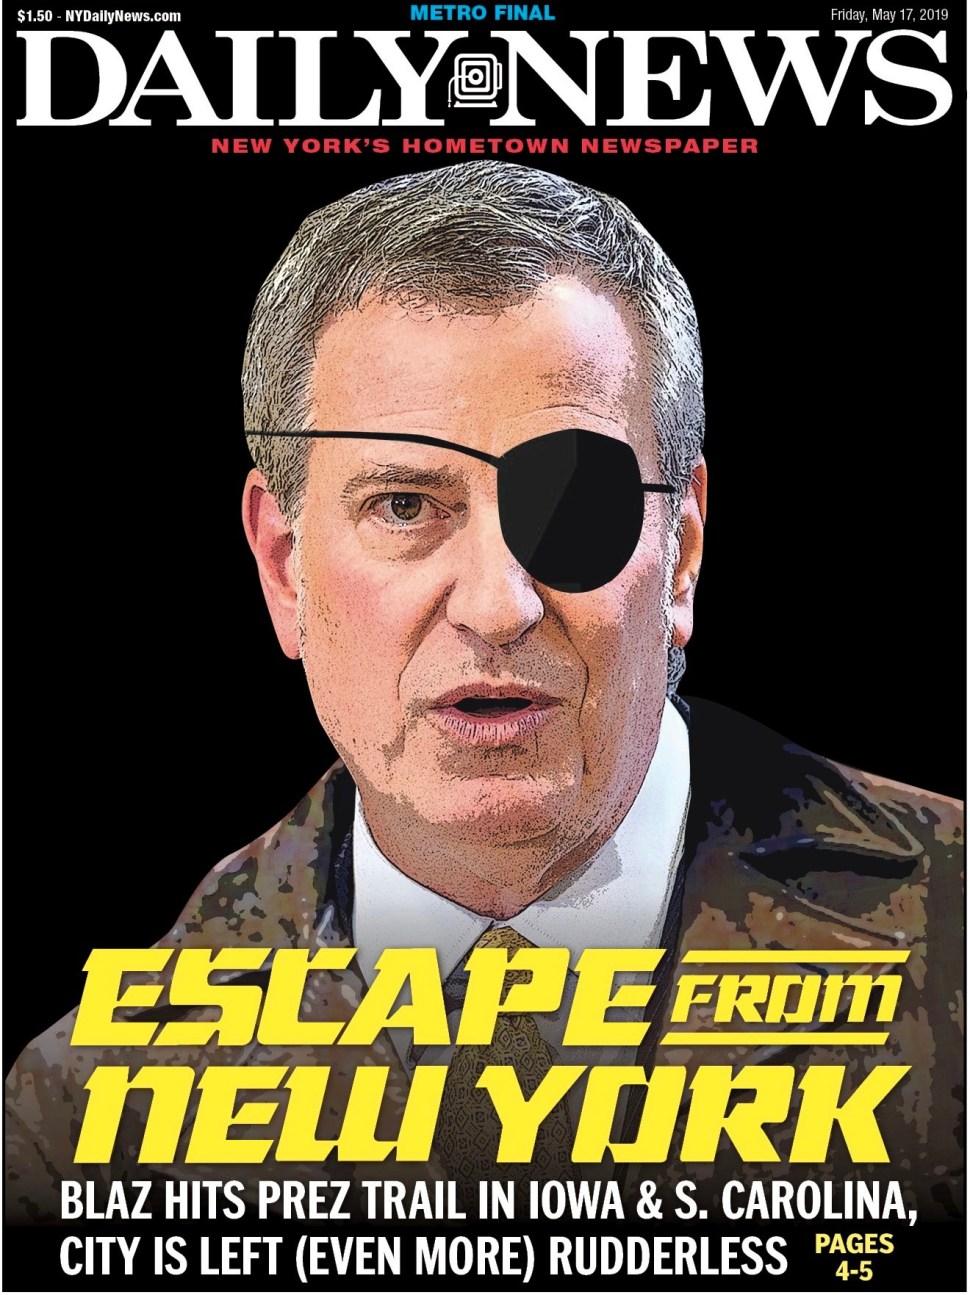 NY Daily News Cover. Screenshot by Rick Stachura. May 17, 2019.